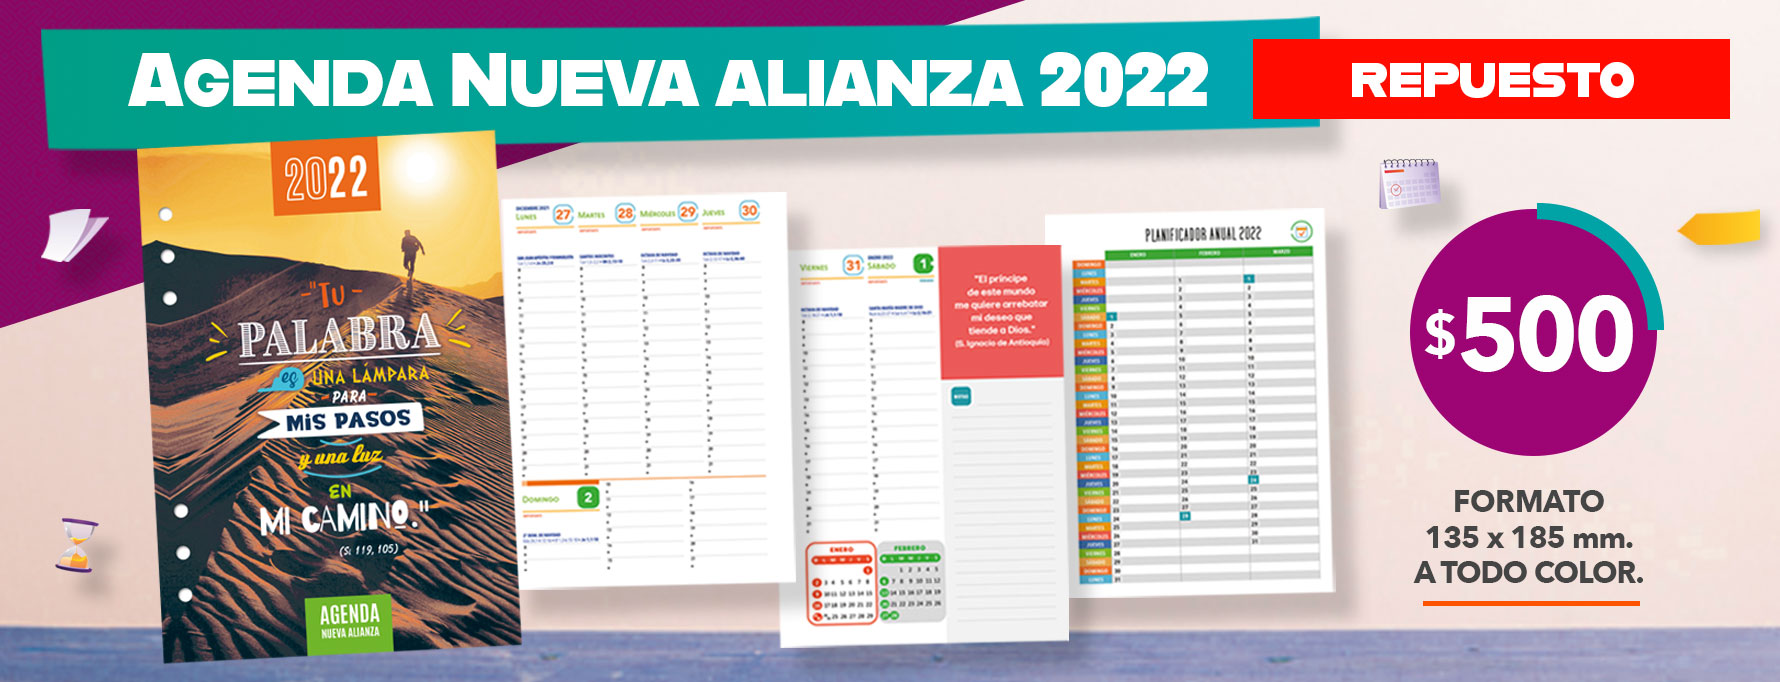 AGNA 2022 anillada desk